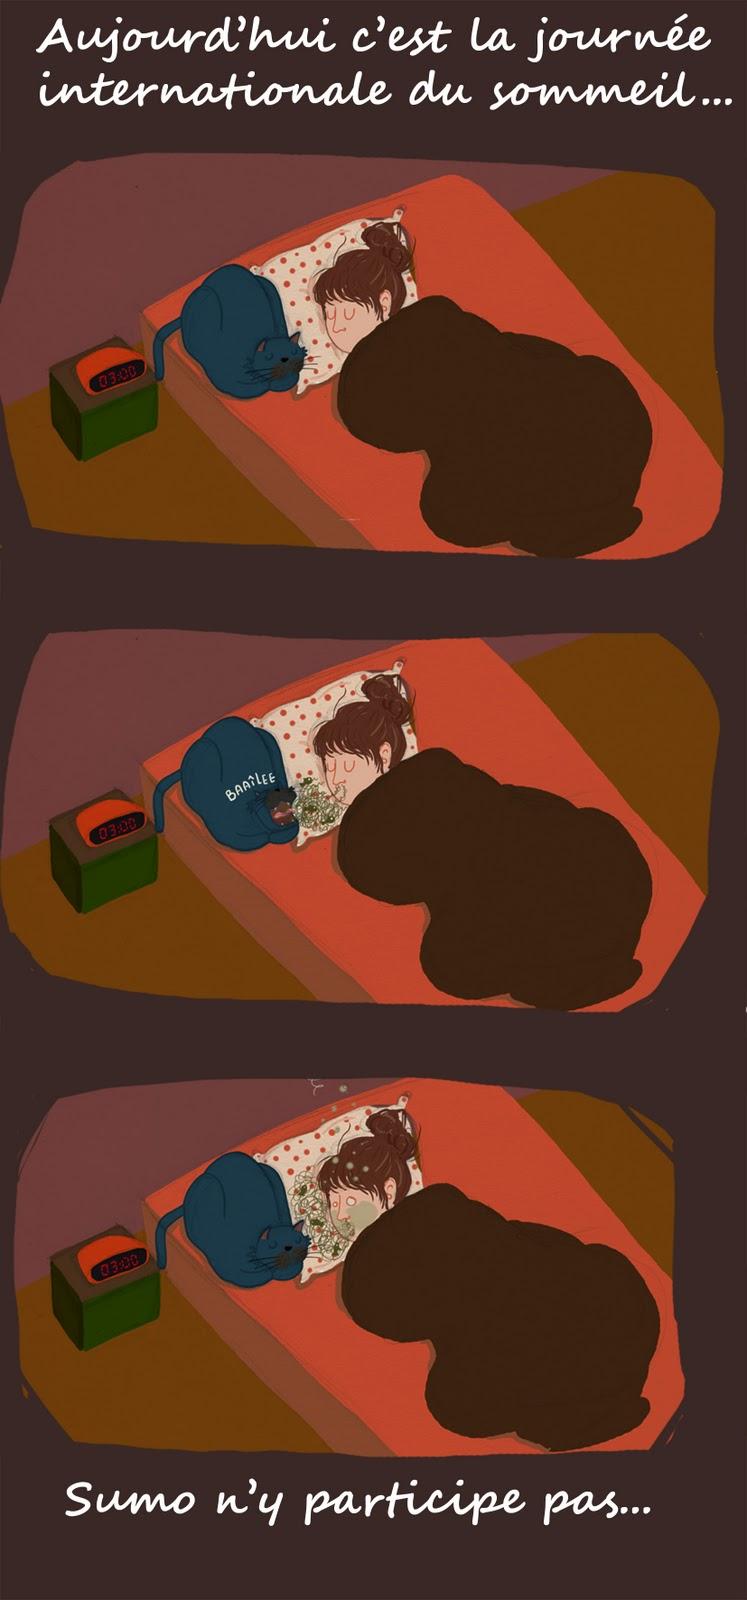 amelie1000volts 18 mars journ e internationale du sommeil. Black Bedroom Furniture Sets. Home Design Ideas